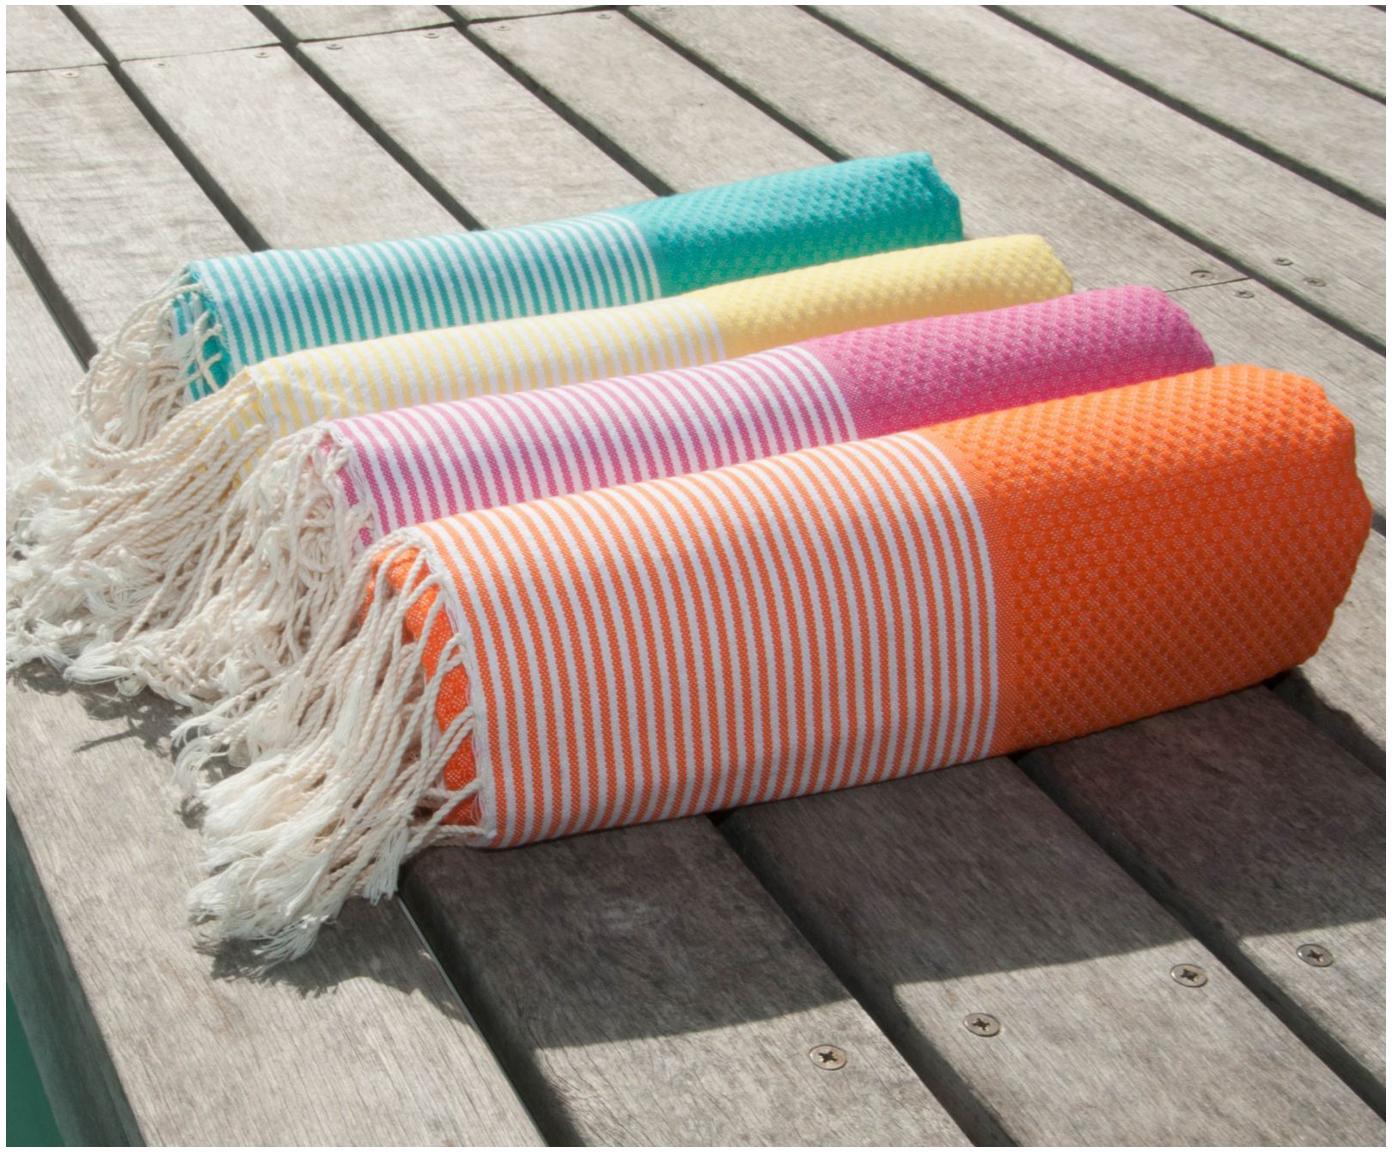 Ręcznik plażowy Ibiza, Bawełna, Bardzo niska gramatura, 200 g/m², Butelkowa zieleń, biały, S 100 x D 200 cm